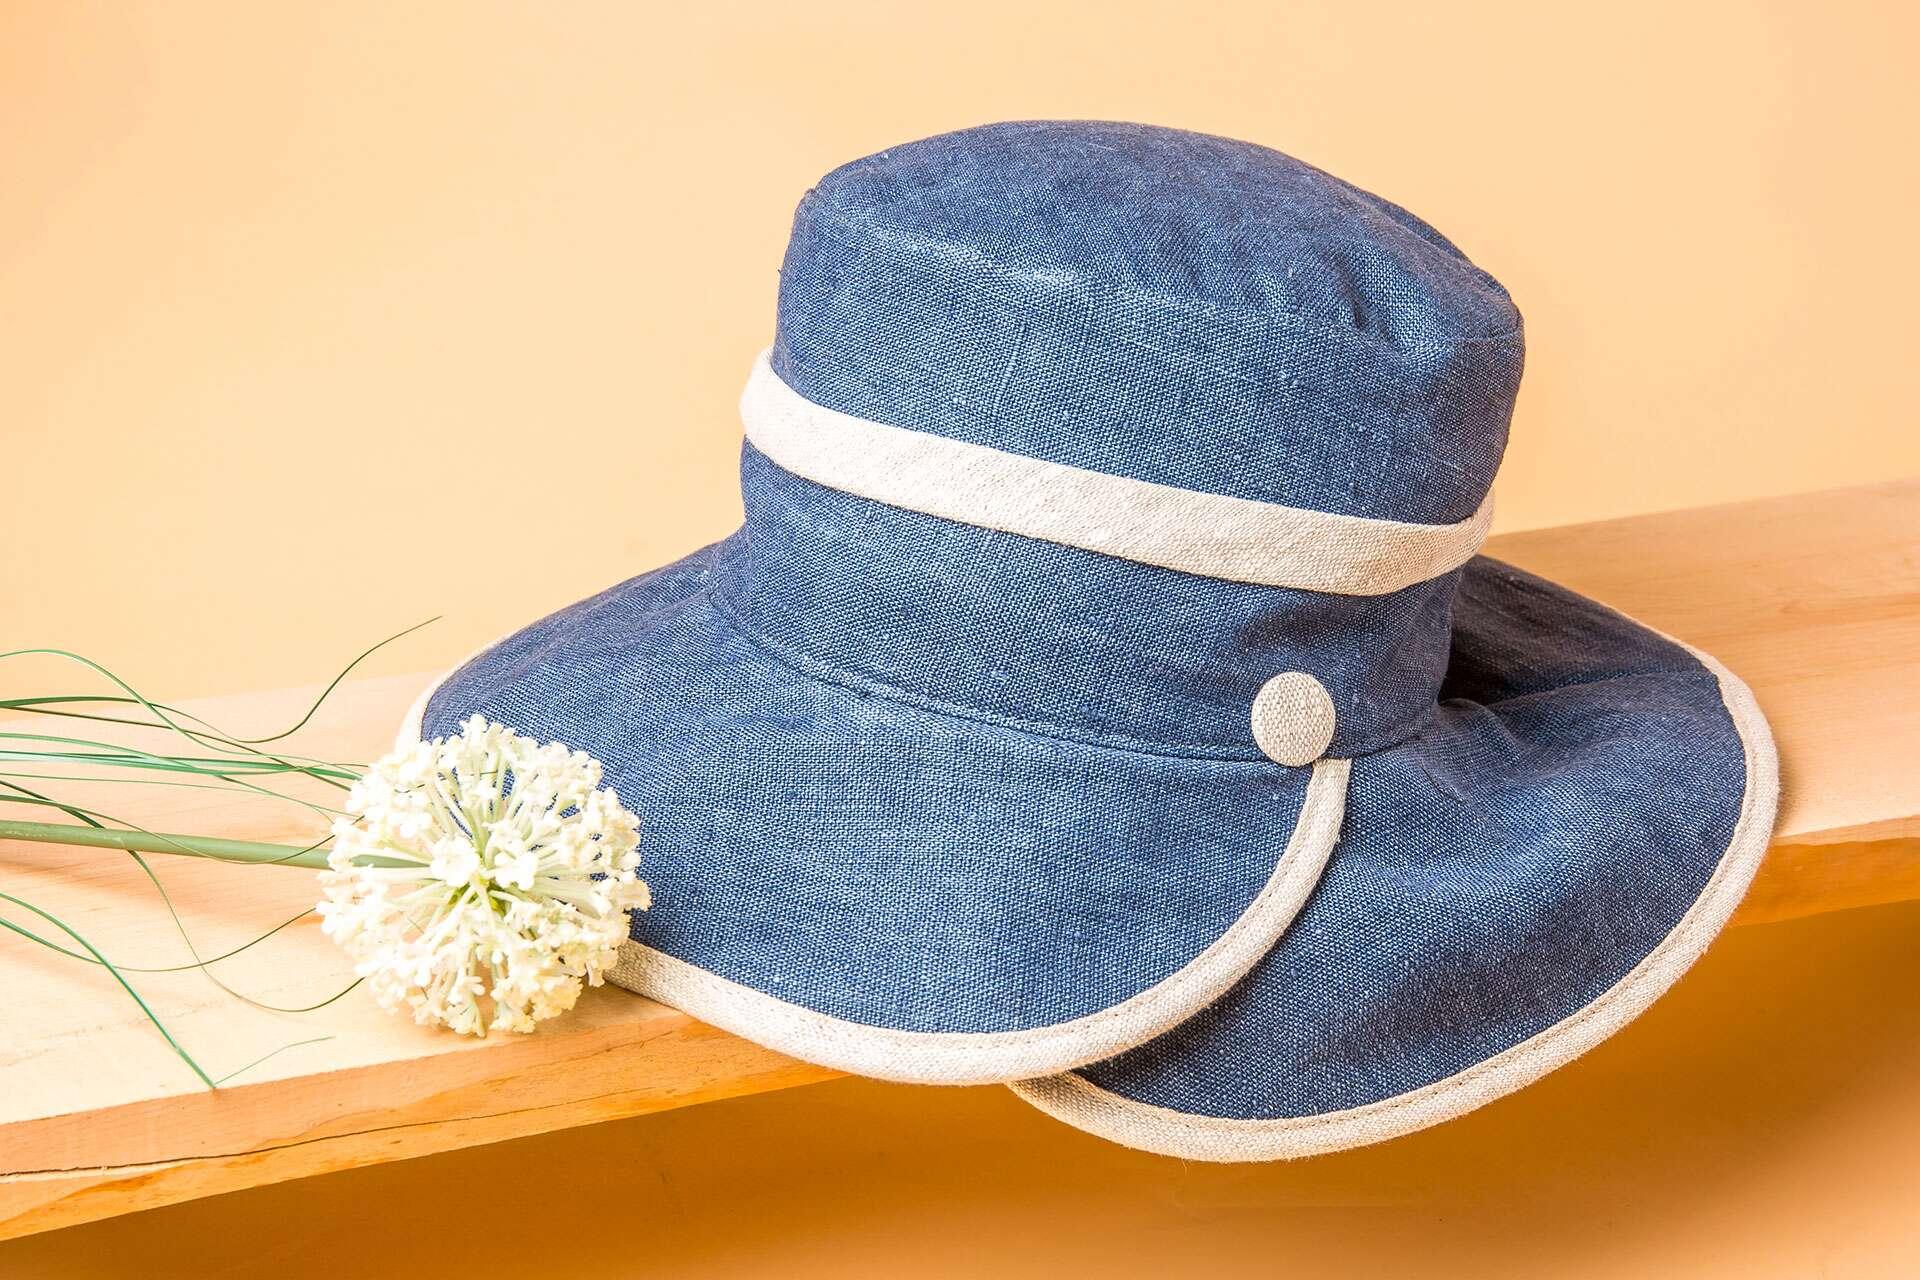 Cappelli da donna | Cappelli Made In Italy | Cappellificio Bordoni